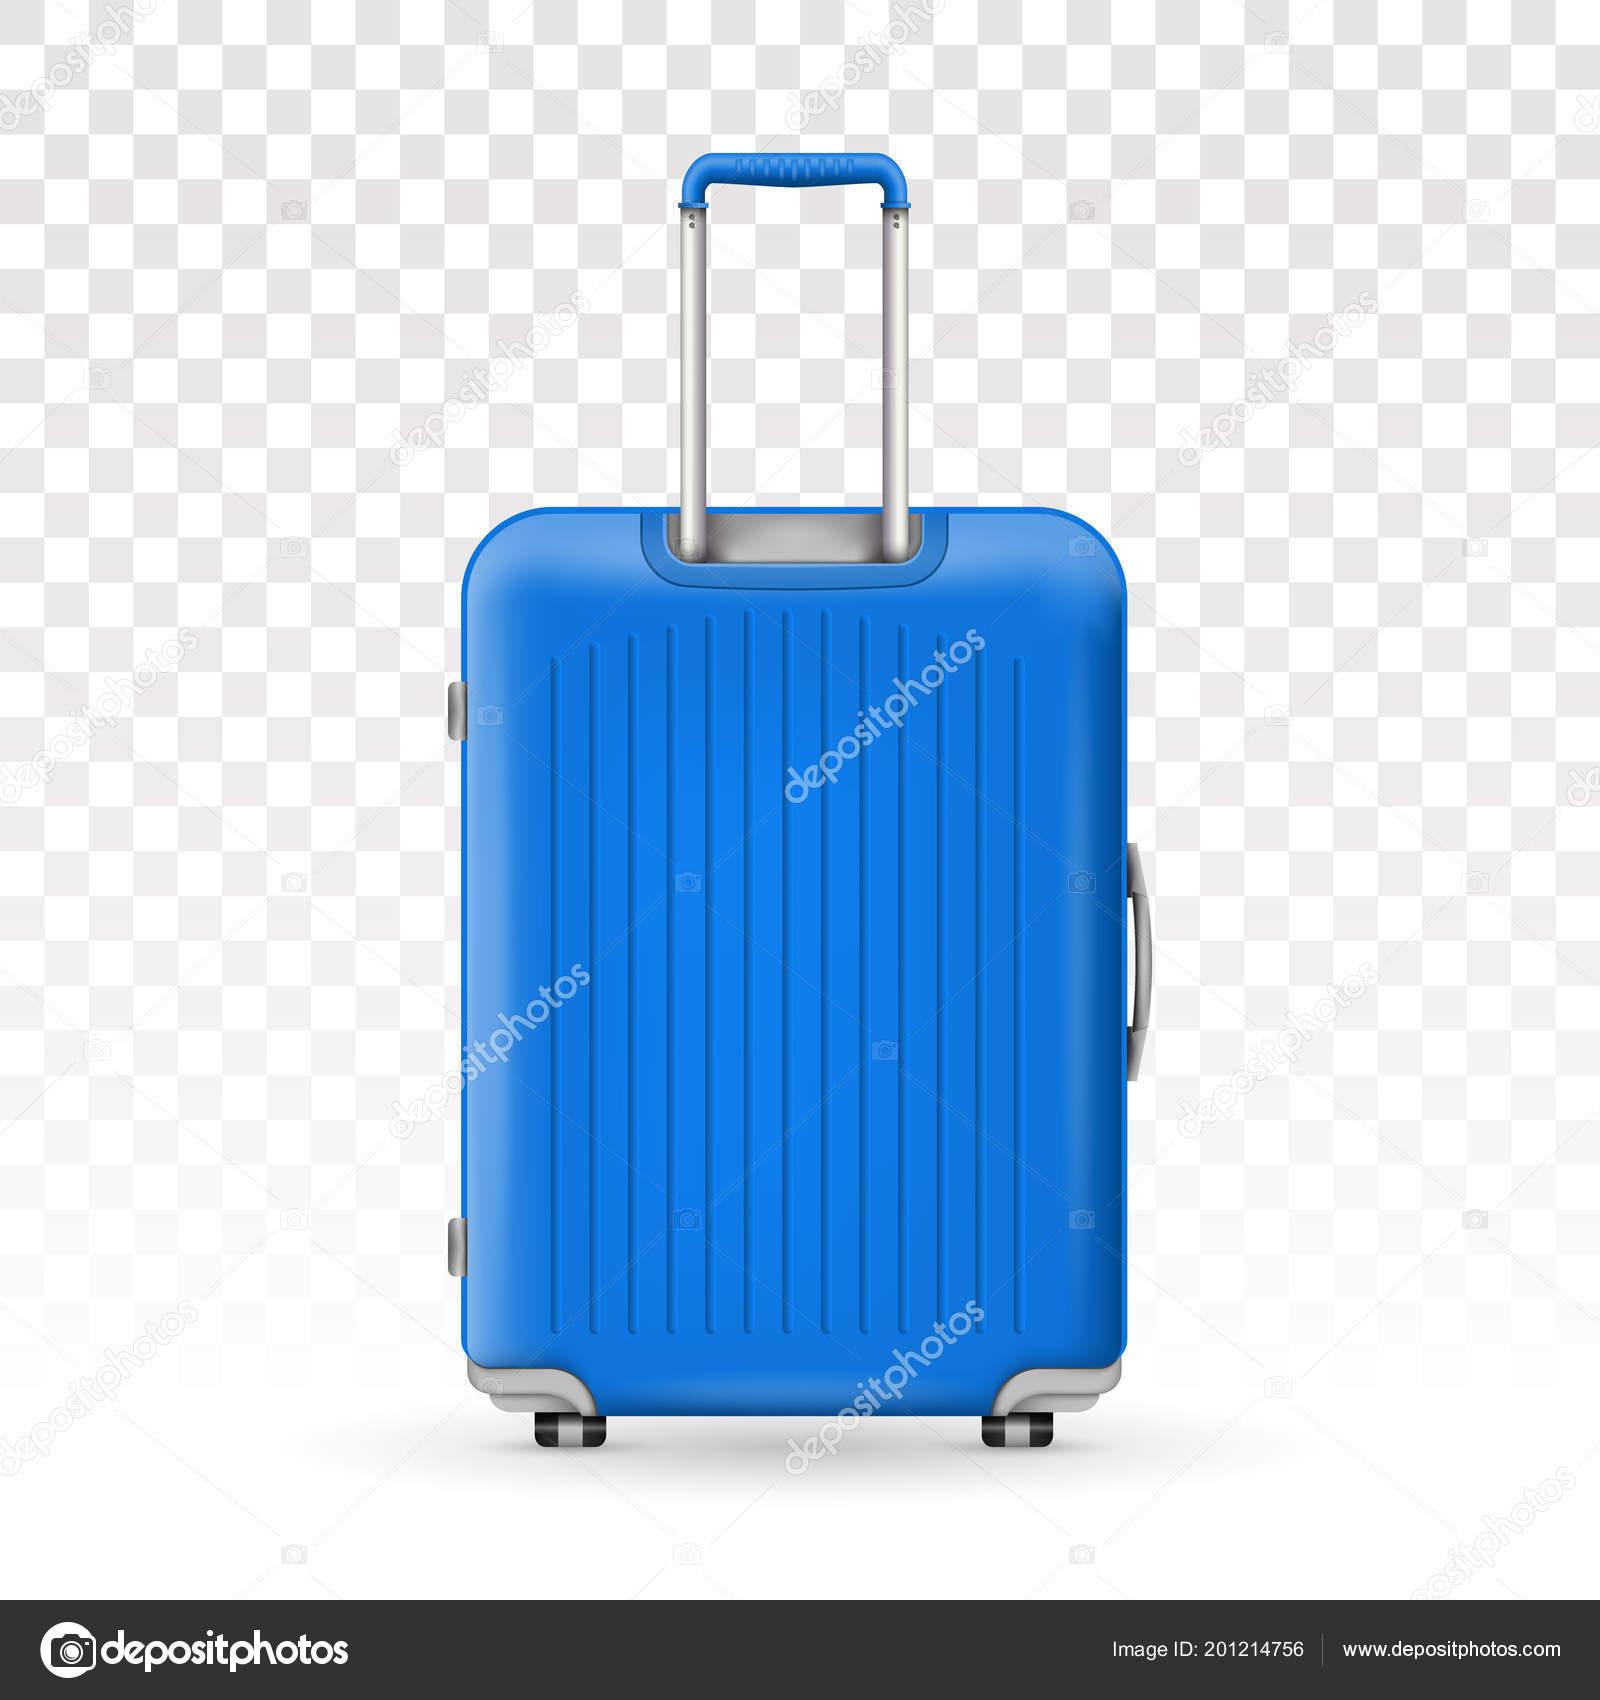 Творческие Векторная Иллюстрация реалистичные большой поликарбоната  путешествия Пластиковый чемодан с колесами, изолированные на прозрачном фоне 3ebc4cf8779